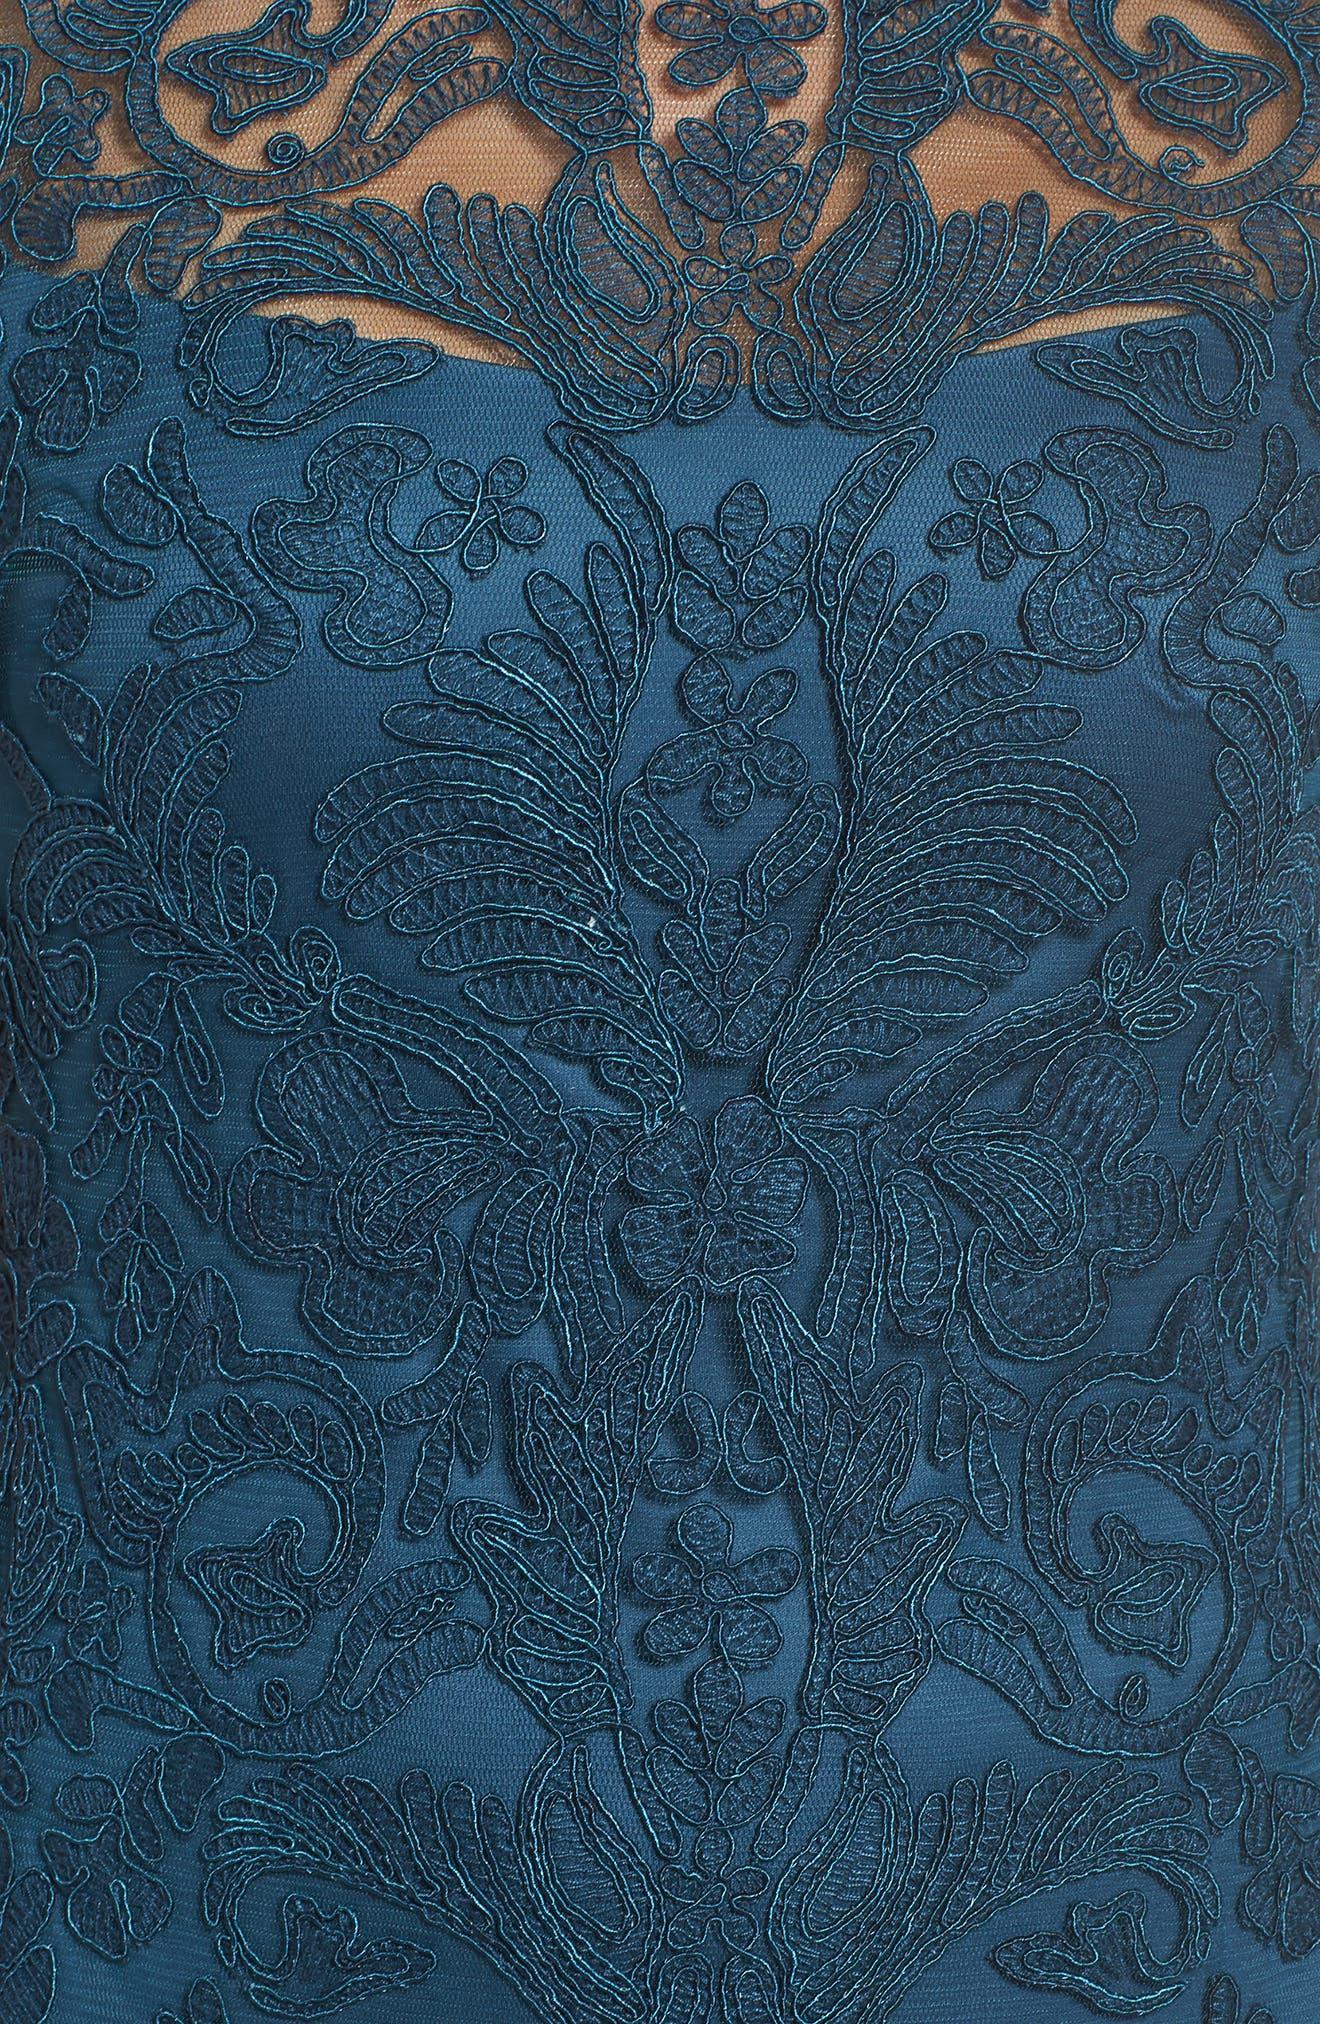 Illusion Yoke Lace Sheath Dress,                             Alternate thumbnail 86, color,